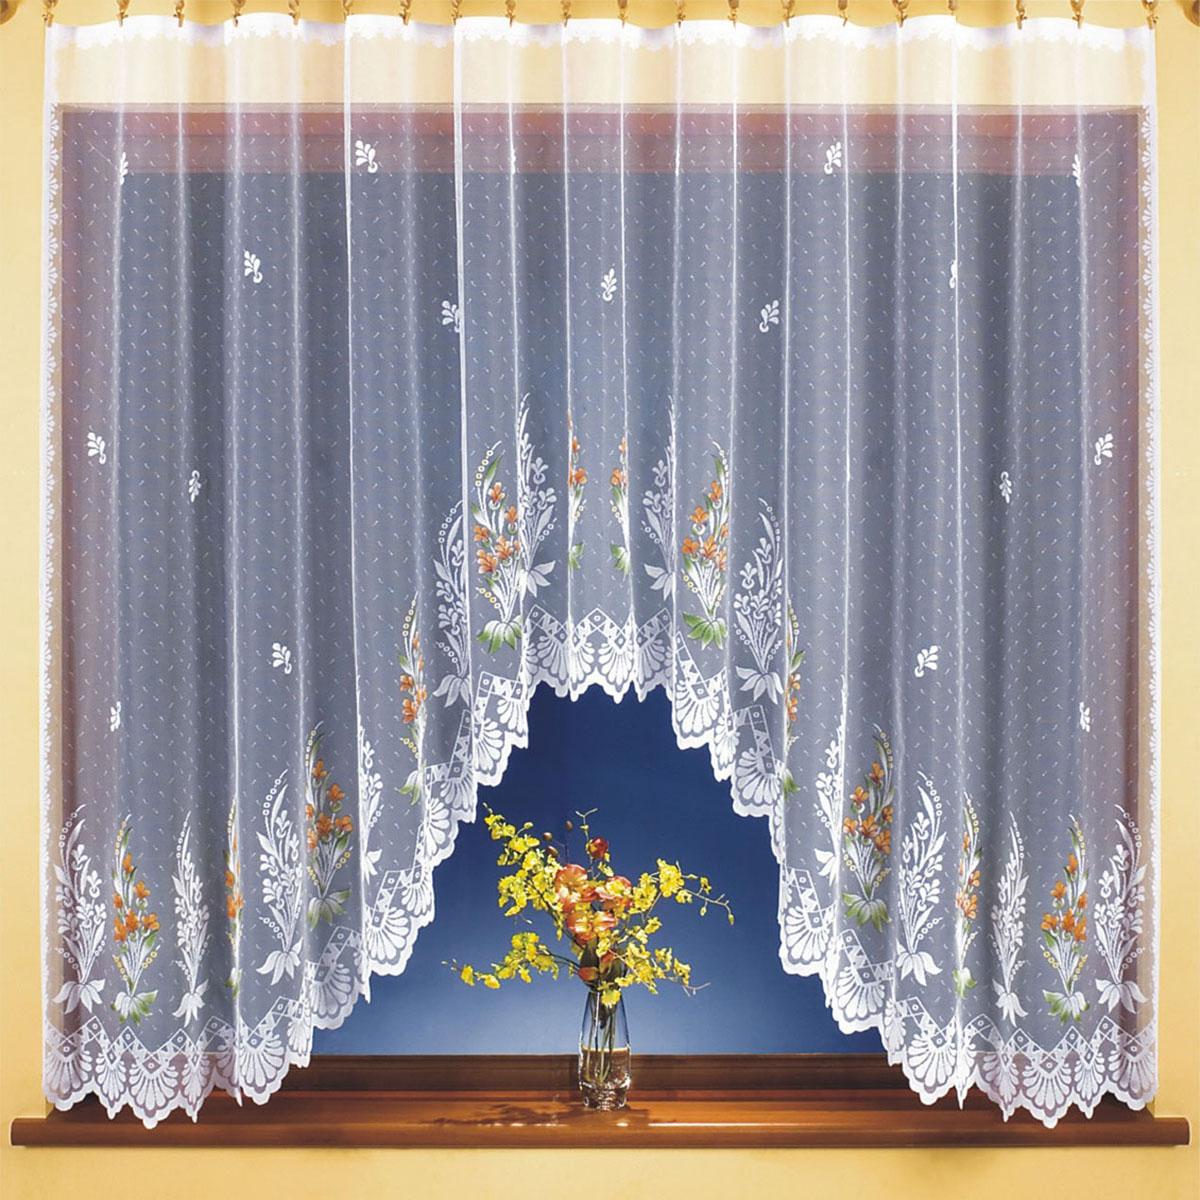 Гардина Wisan, цвет: белый, высота 150 см. 9812UN111268671Гардина Wisan, выполненная из легкого полиэстера, станет великолепным украшением окна в спальне или гостиной. Качественный материал, тонкое плетение и оригинальный дизайн привлекут к себе внимание и позволят гардине органично вписаться в интерьер помещения.Вид крепления - под зажимы для штор.